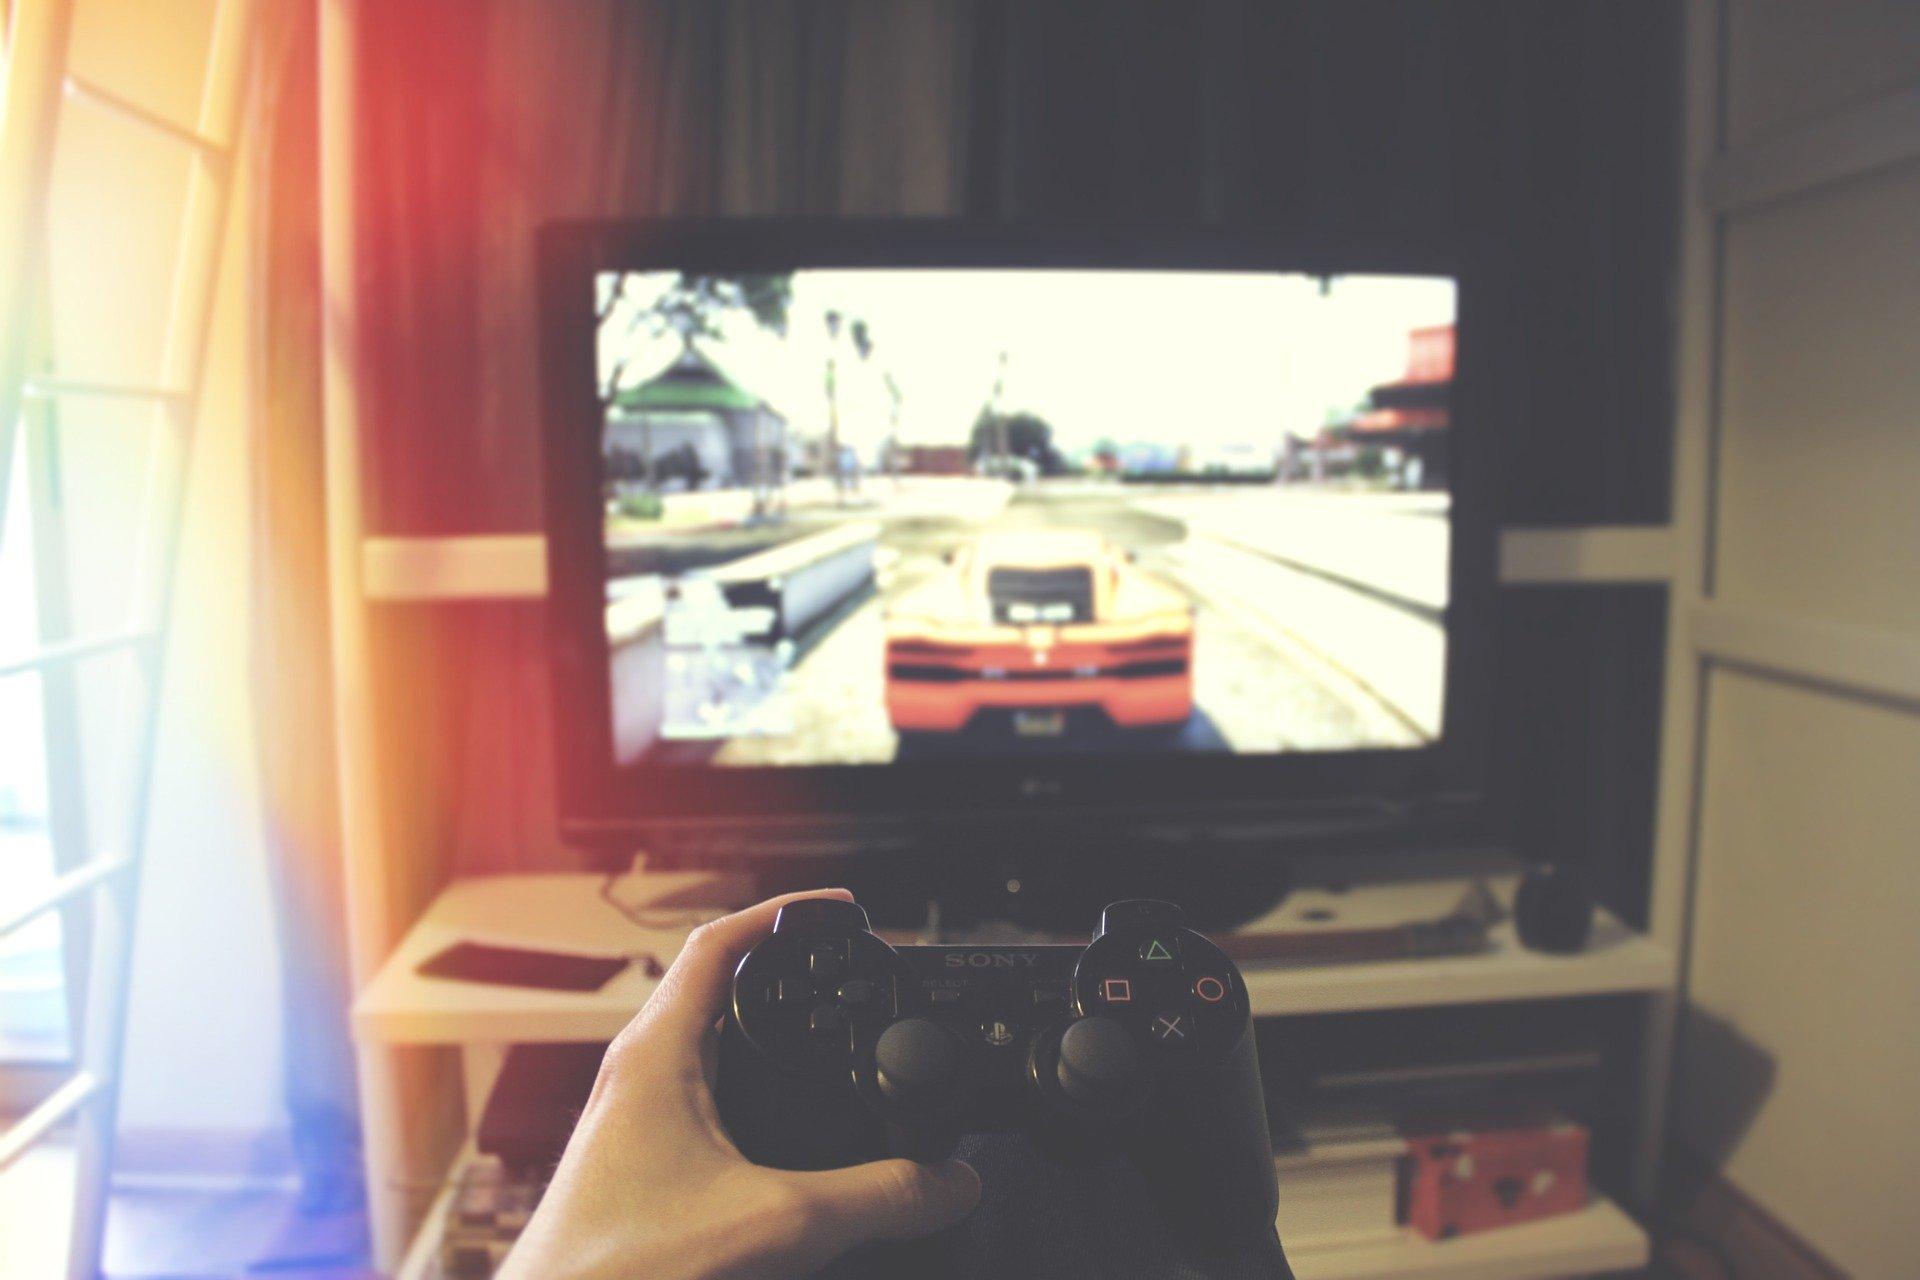 Cómo mejorar la calidad de la señal antes de jugar online